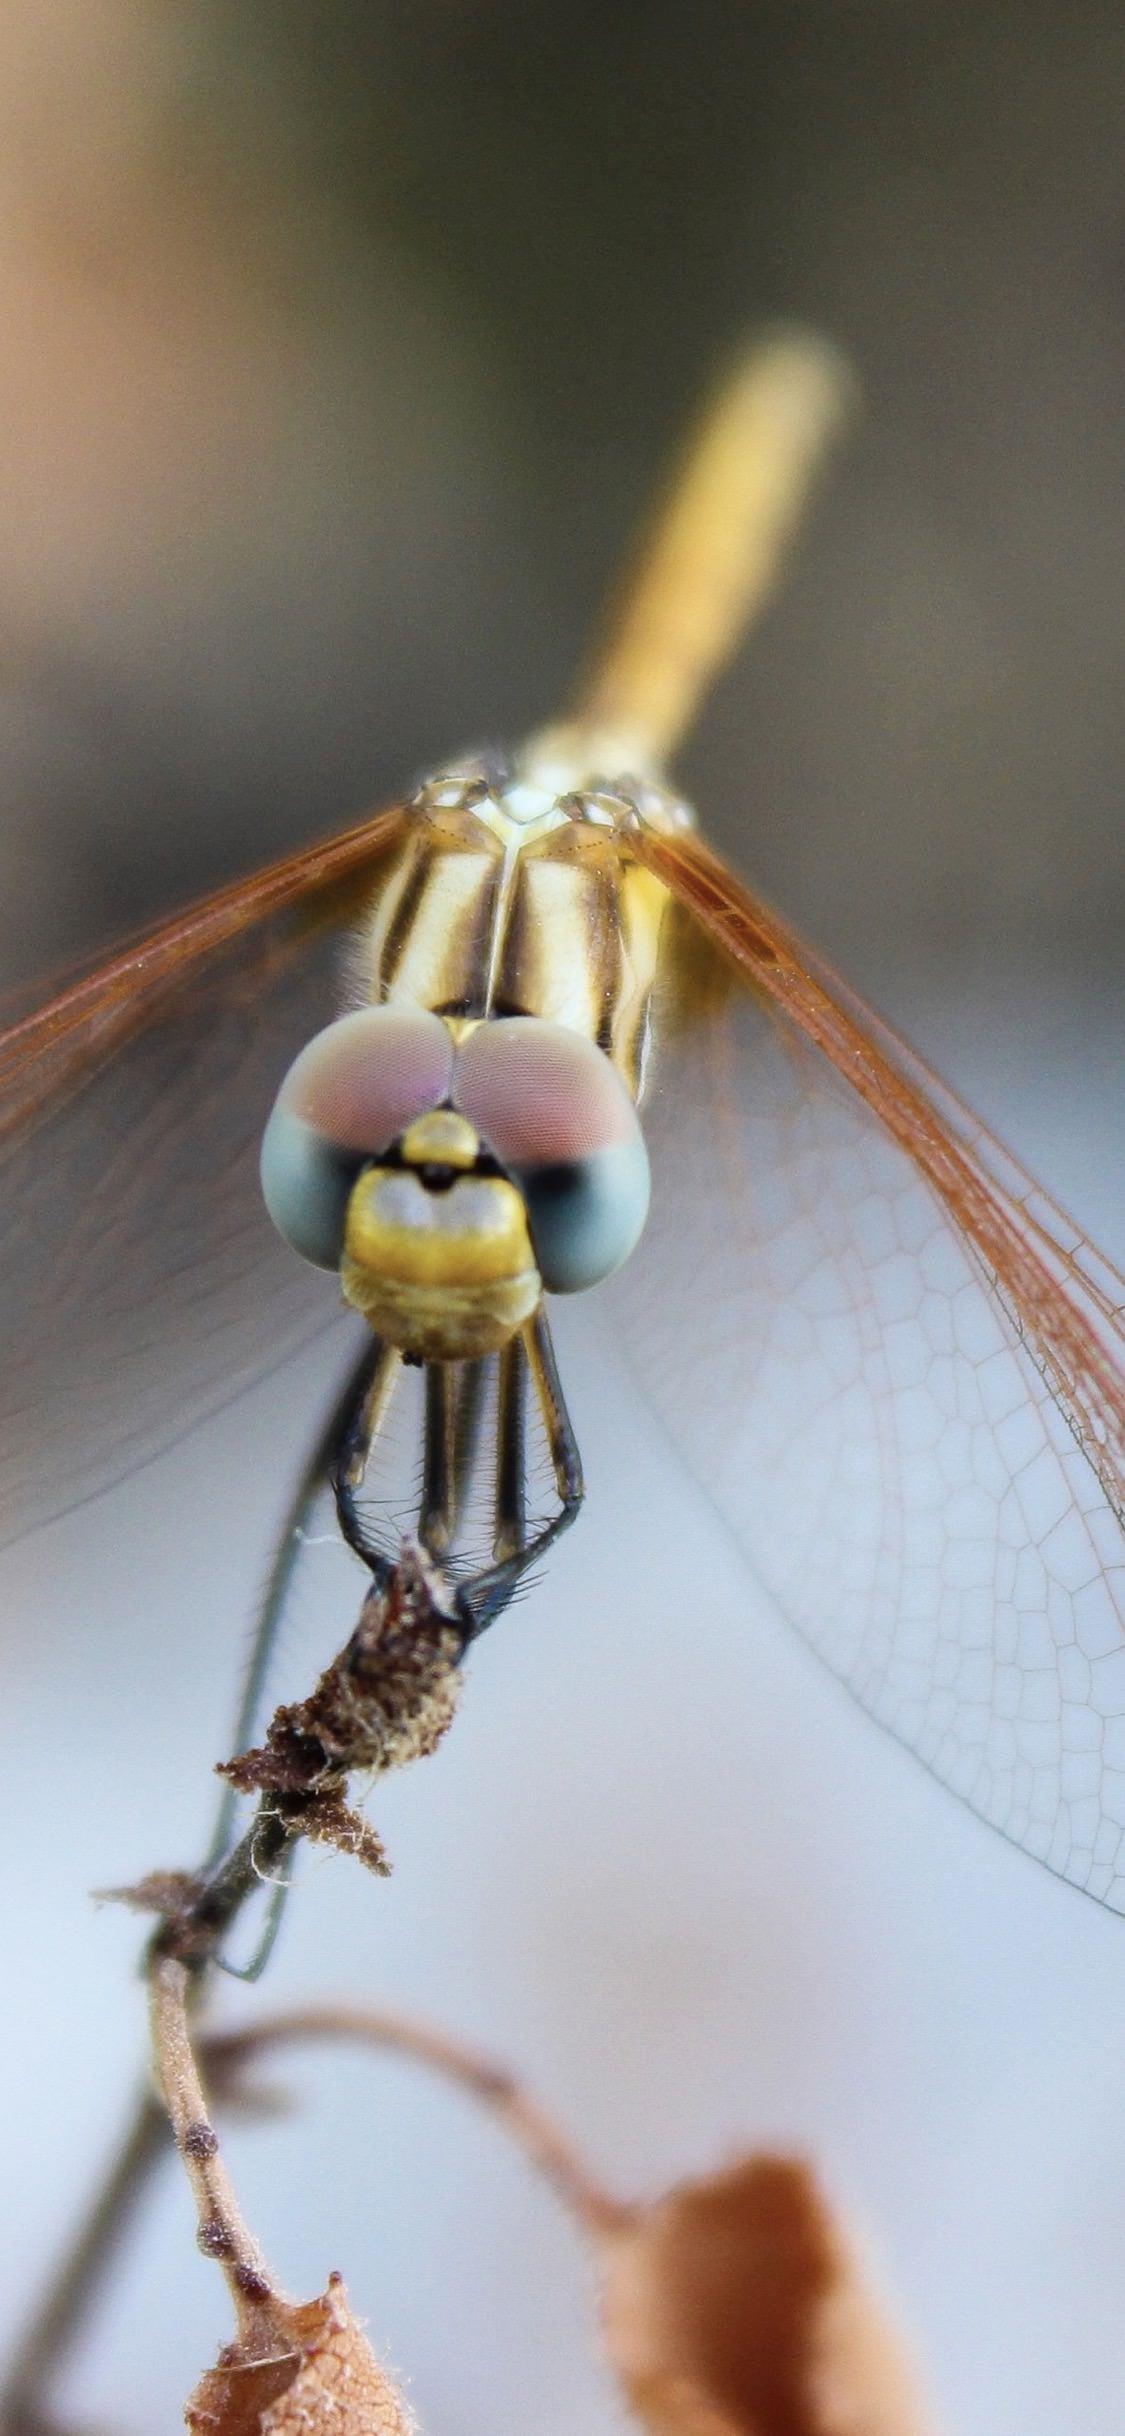 Una libellula - Sfondi per iPhone, i migliori da scaricare gratis